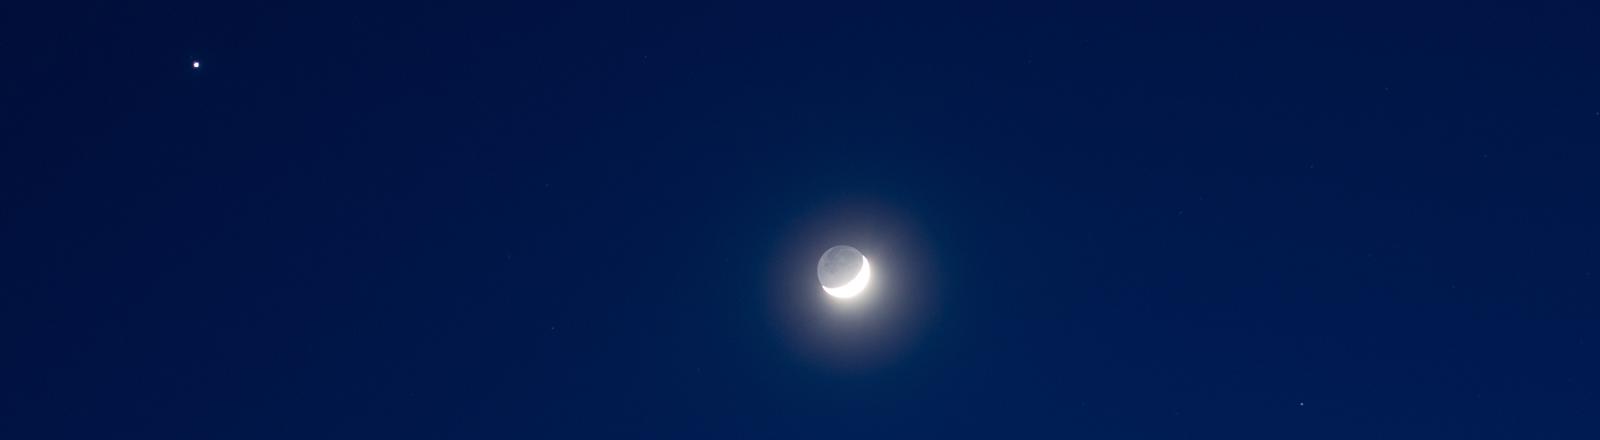 Mond, Jupiter und Venus sind die hellsten Planeten am Sternenhimmel